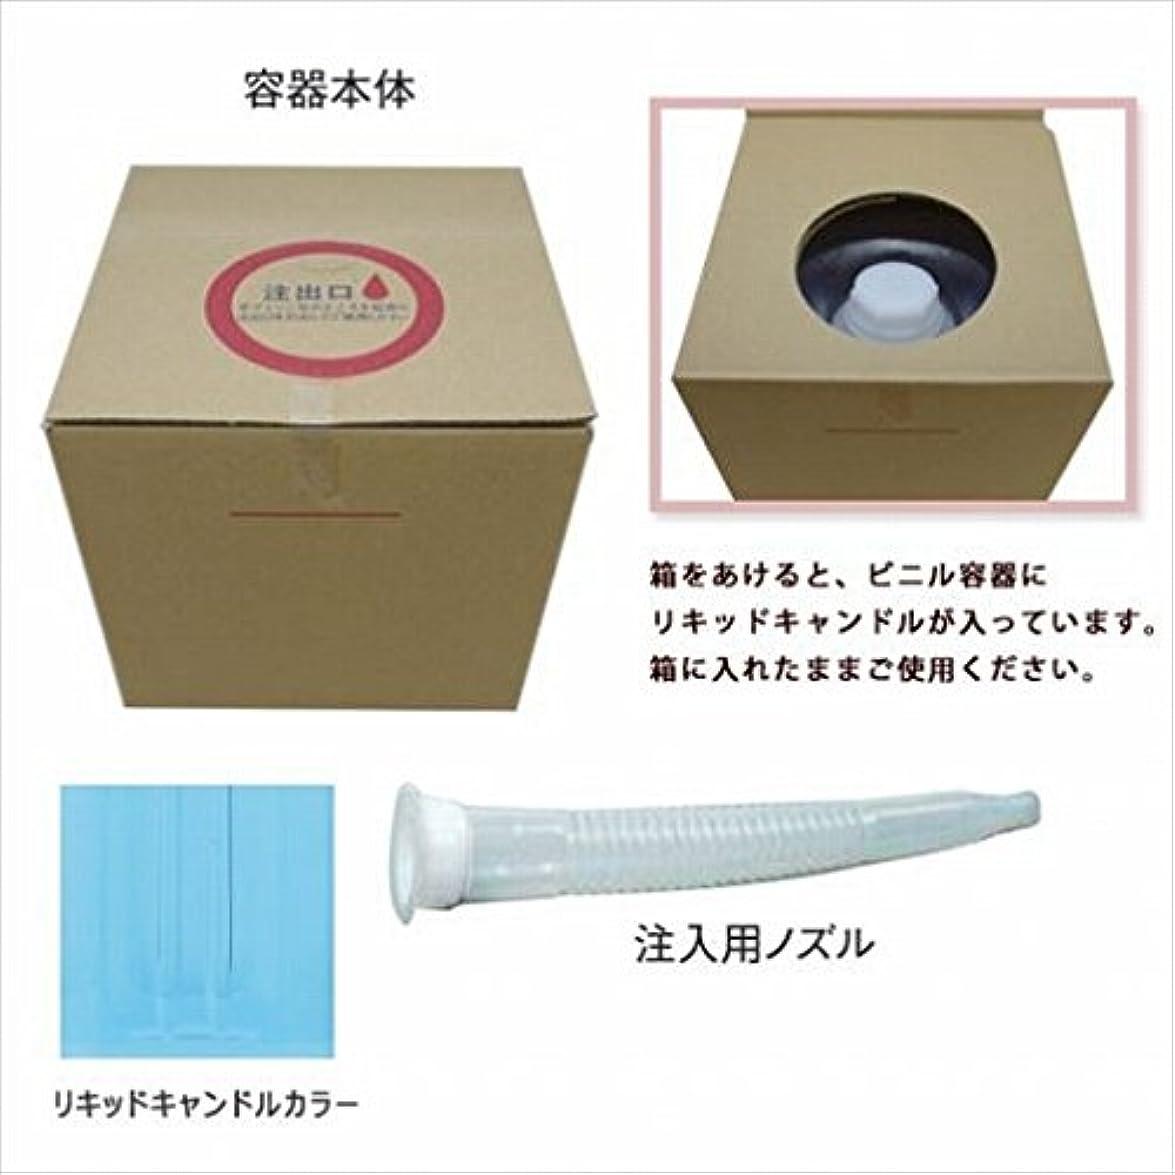 せせらぎ分離する仕方カメヤマキャンドル(kameyama candle) リキッドキャンドル5リットル 「 ライトブルー 」